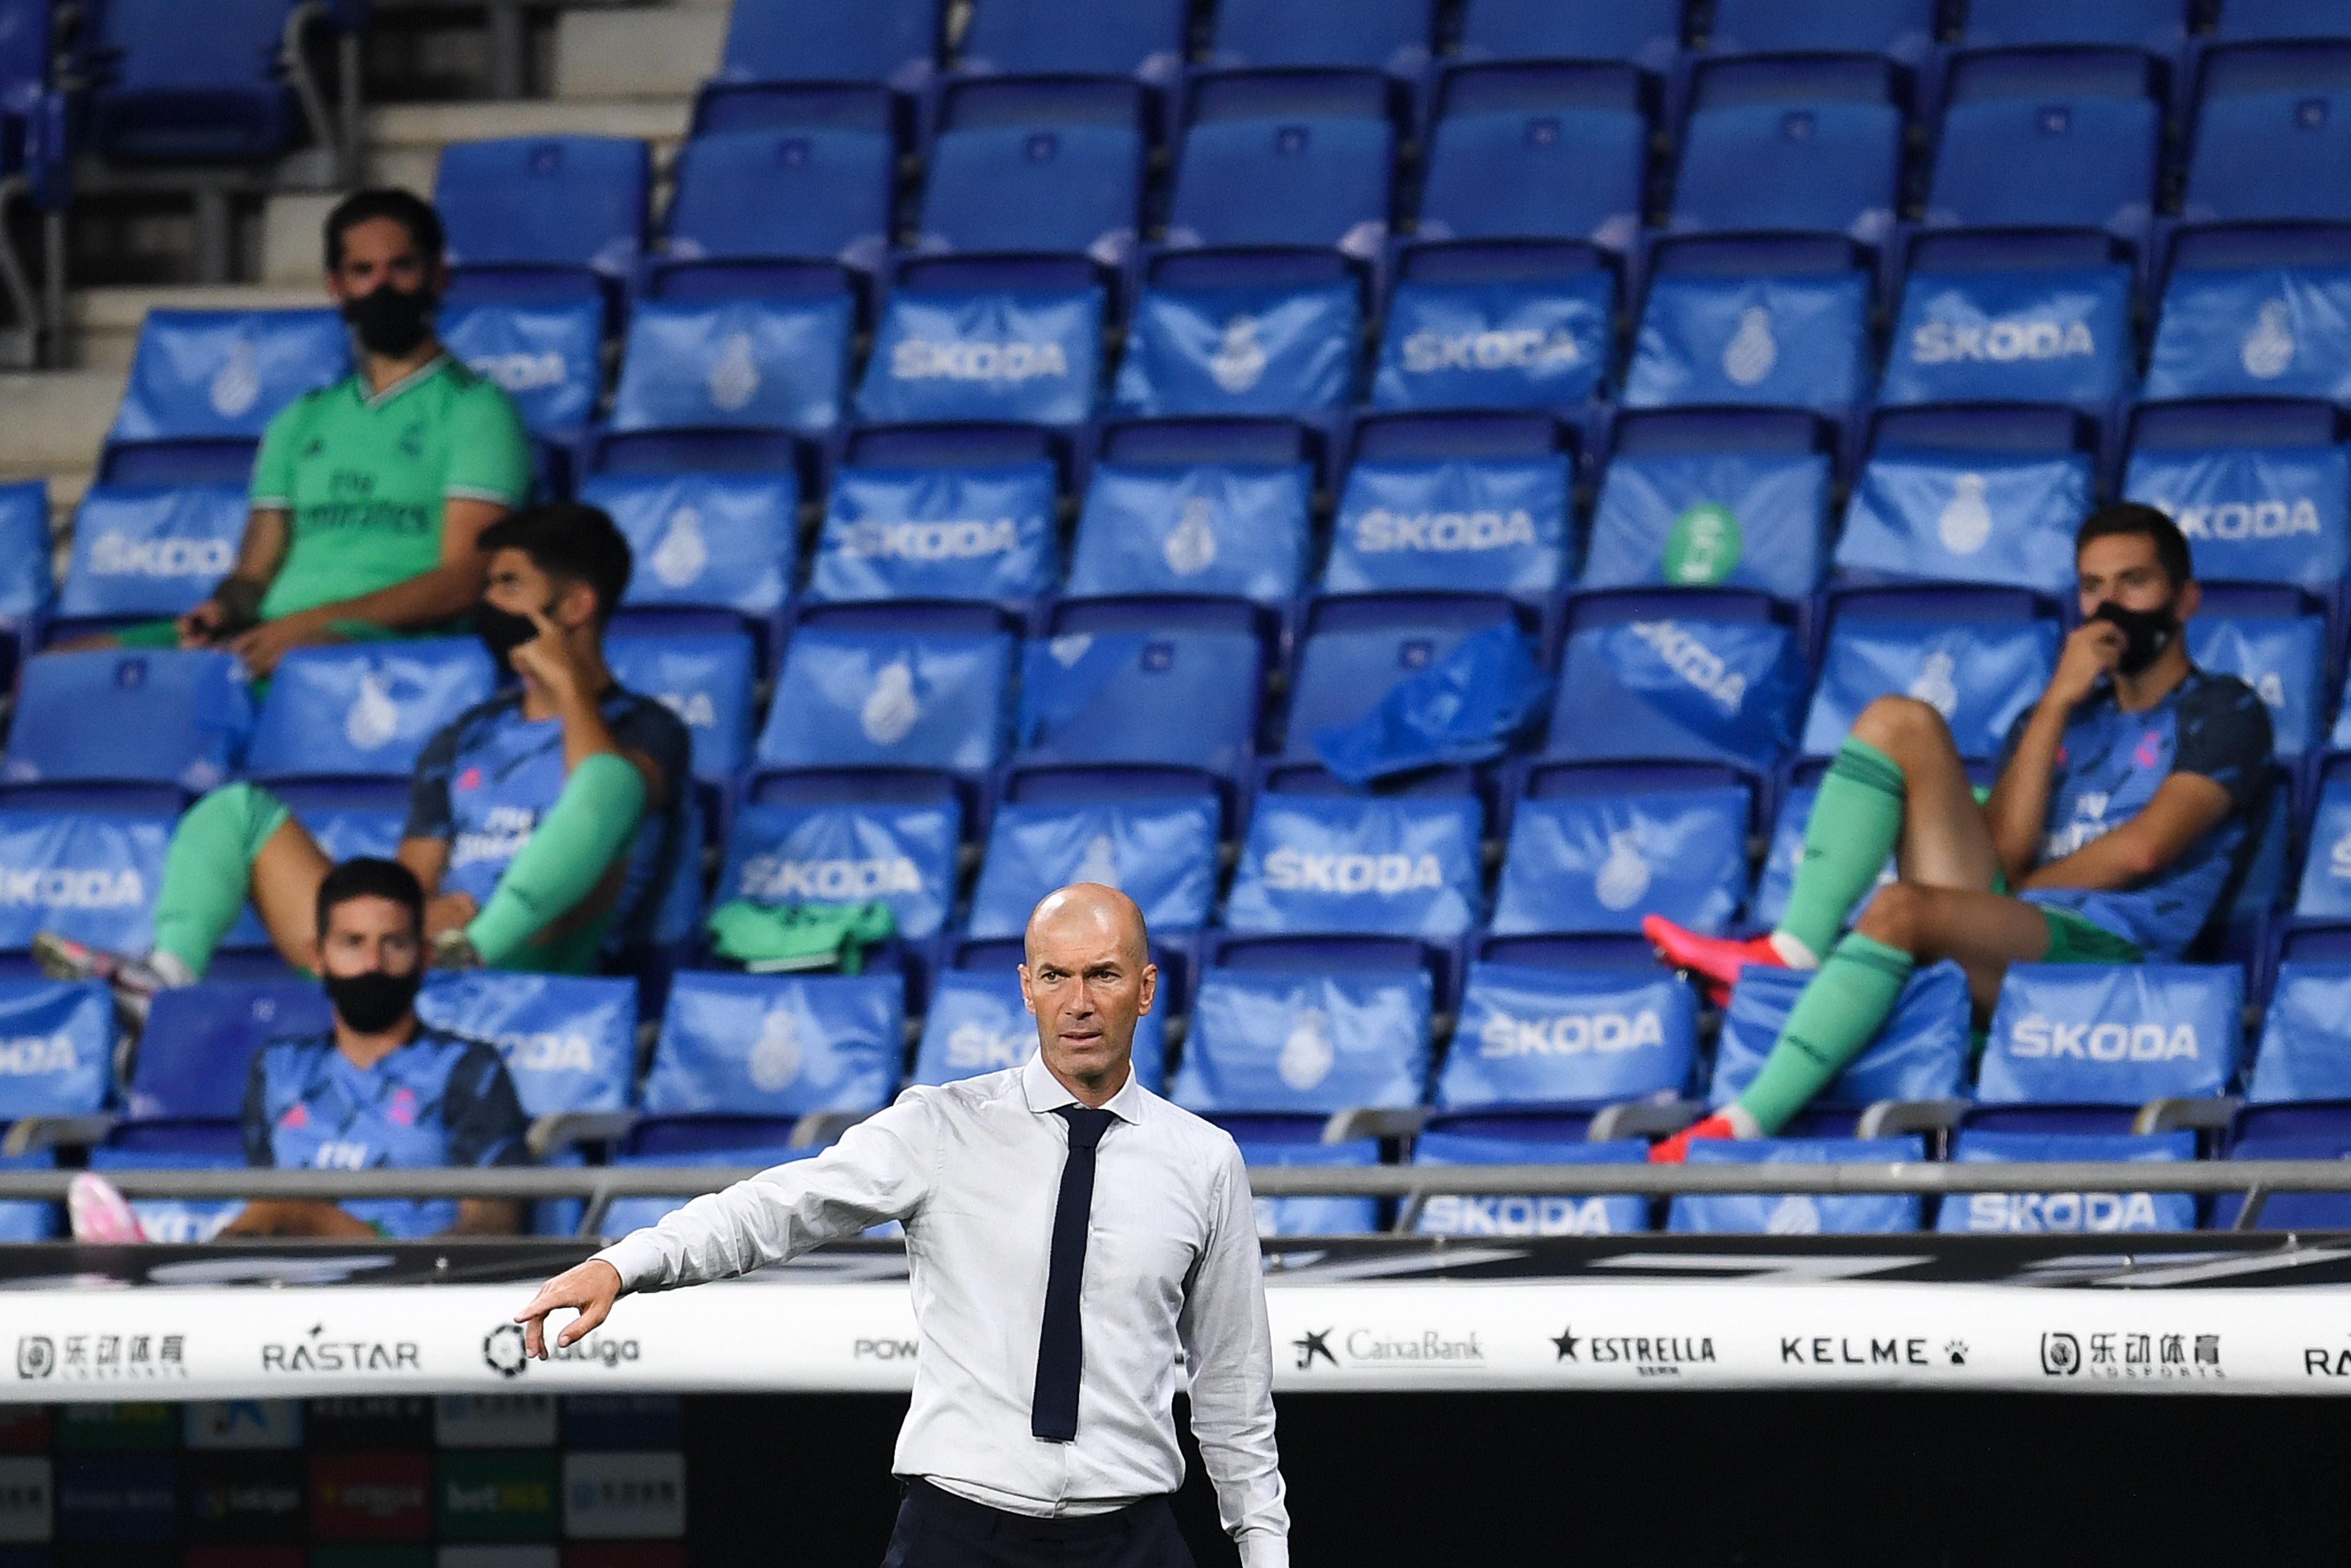 Треньорът на Реал Мадрид Зинедин Зидан похвали отбора си за